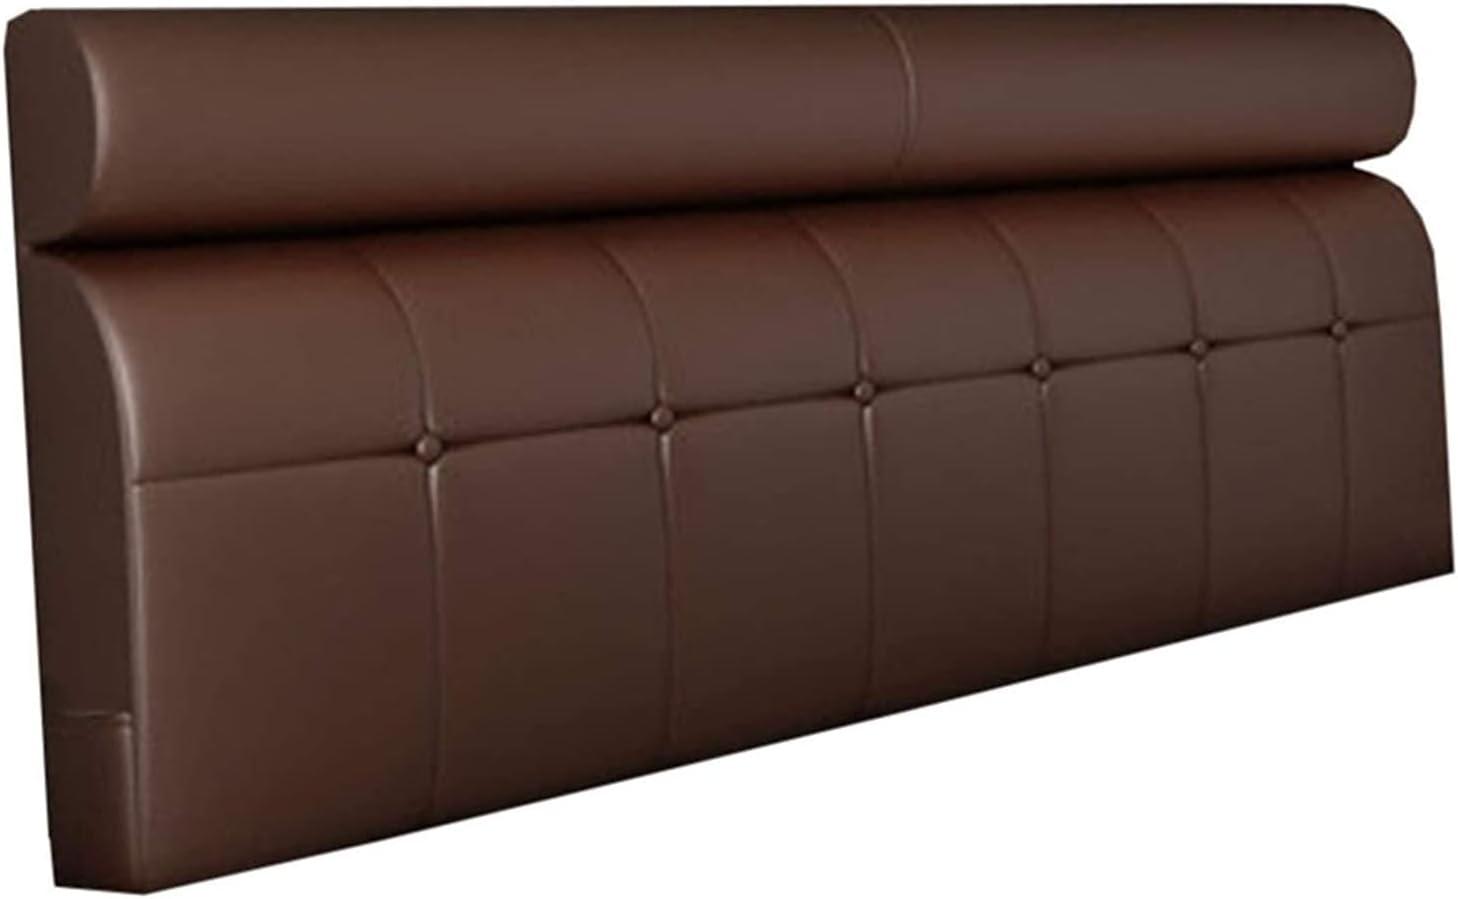 Bed Rest Pillows headboard depot Back Gifts Pillow